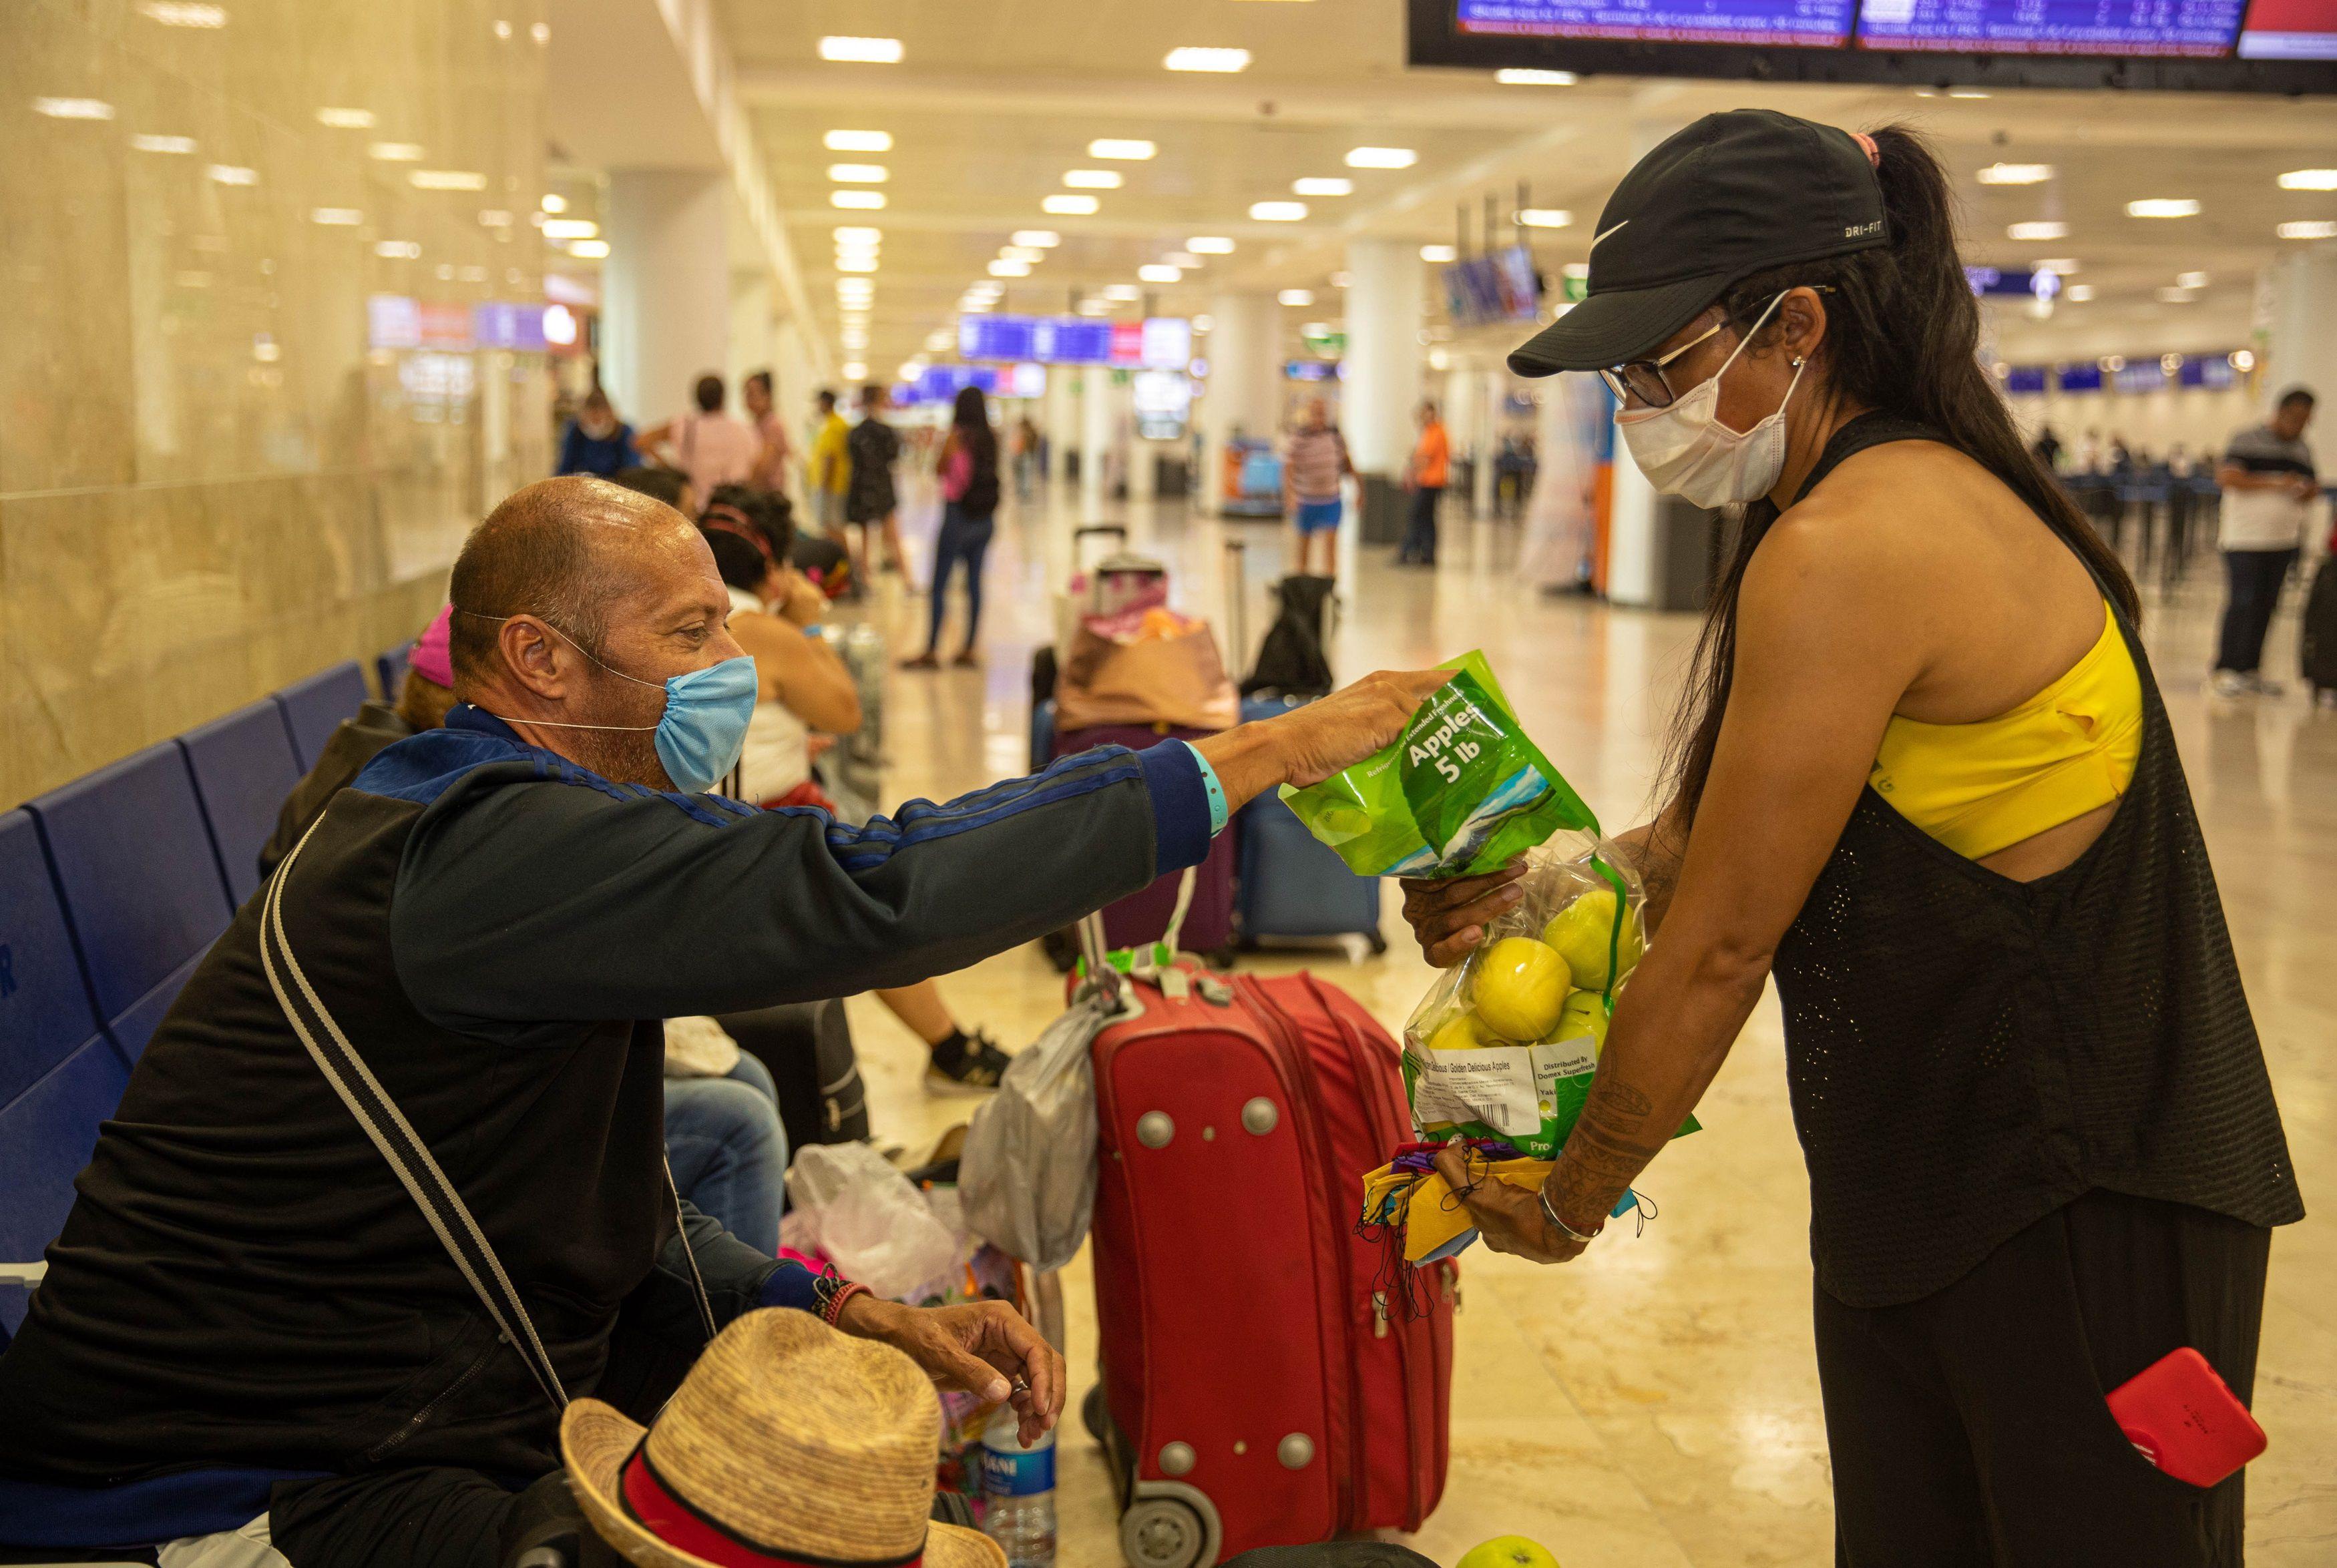 Una mujer regala manzanas a un turista en el aeropuerto internacional de Cancún, en el estado de Quintana Roo (México). (Foto: EFE/Lourdes Cruz)